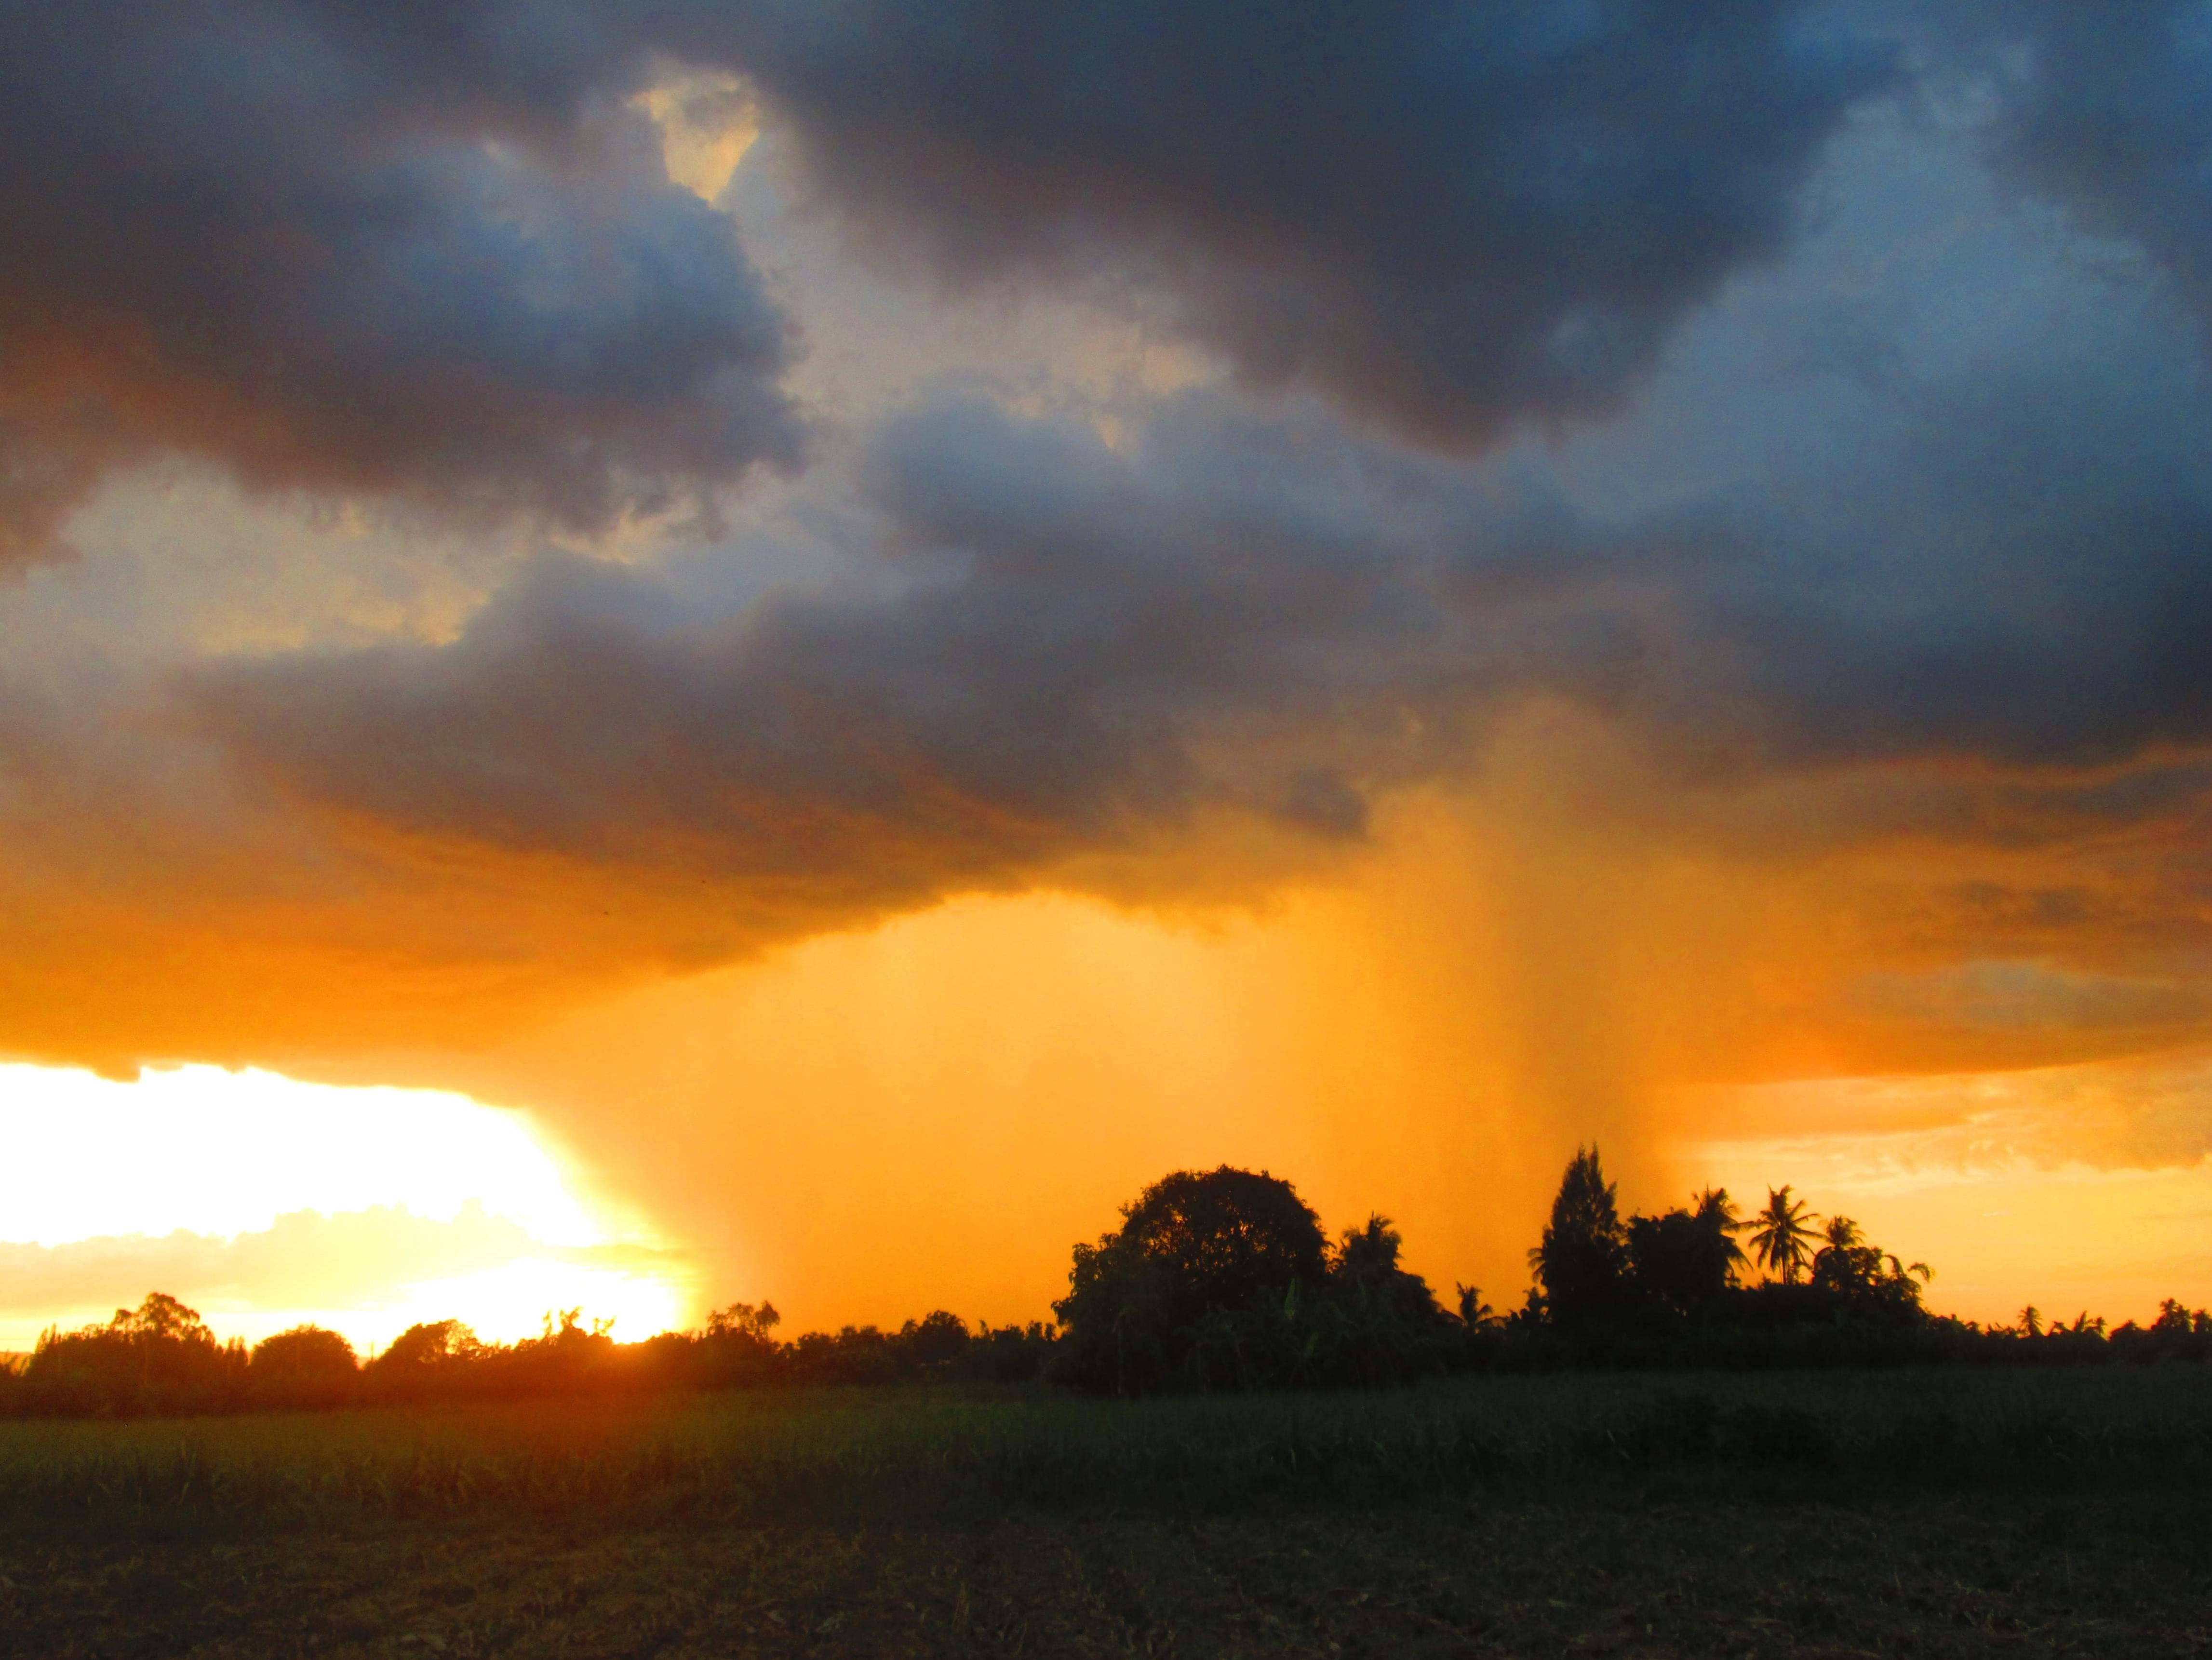 storm over desert